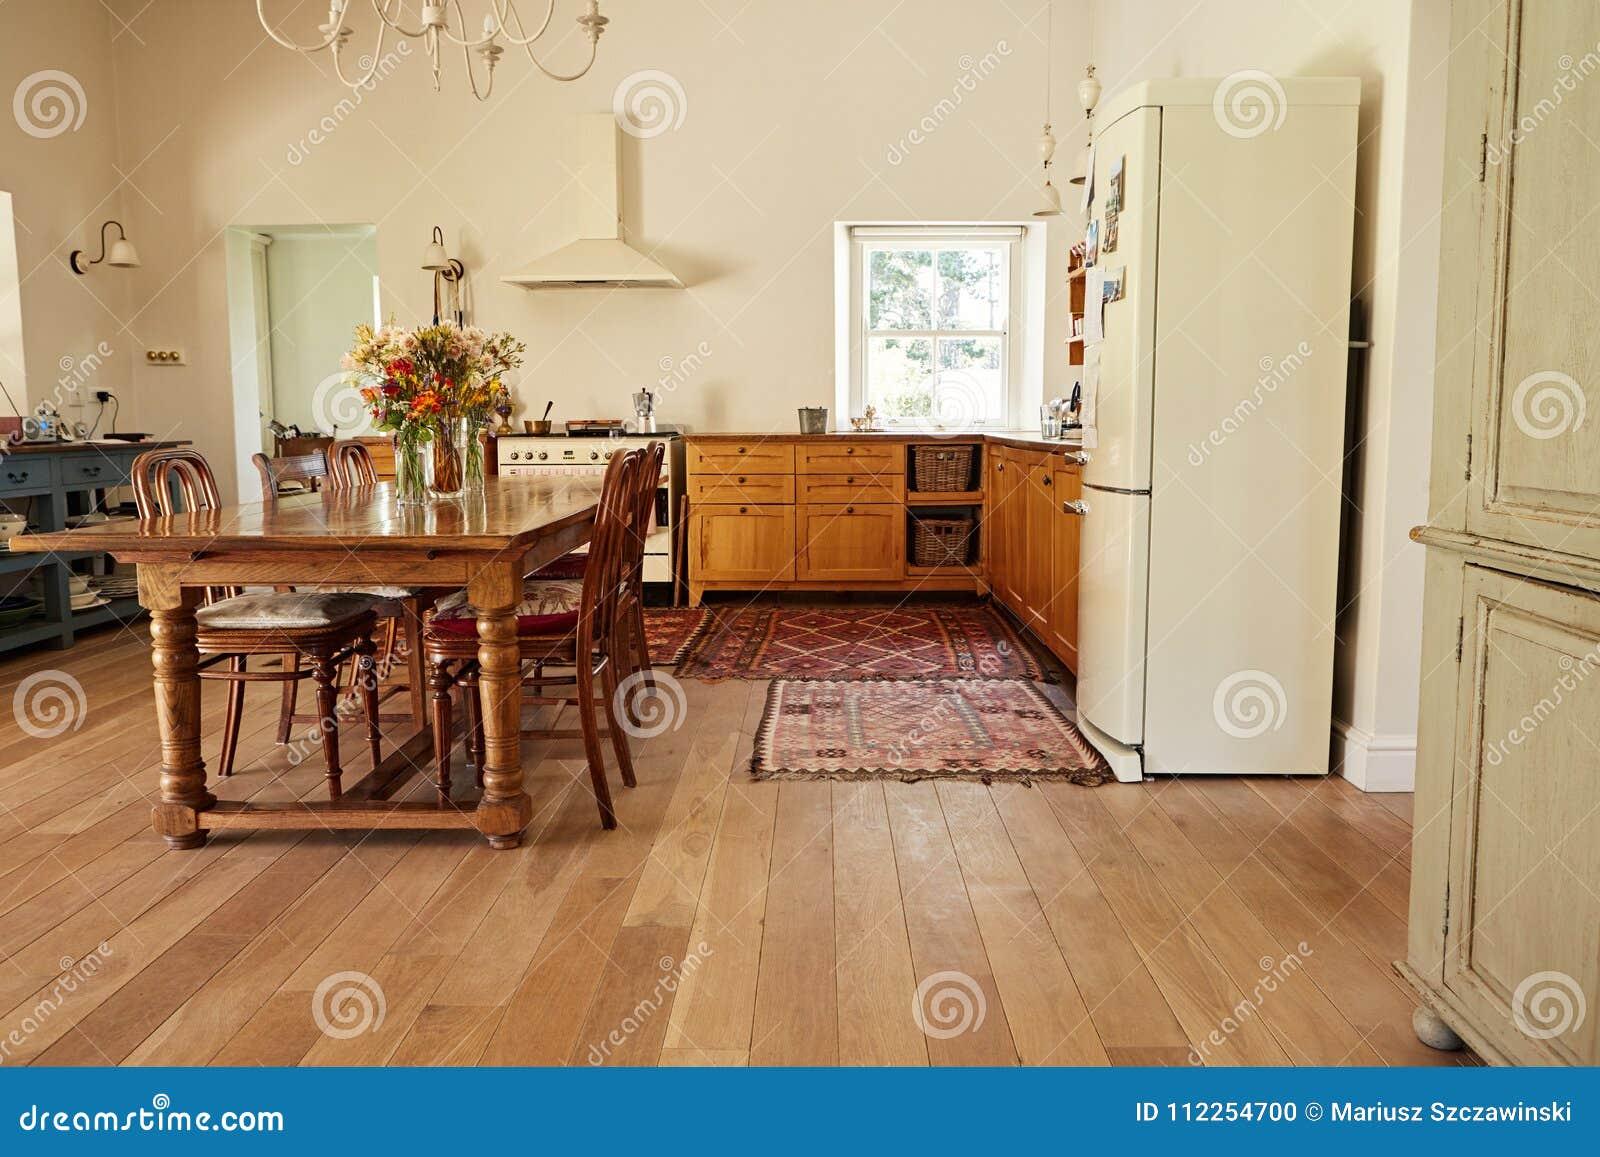 Pranzando E Area Della Cucina In Una Casa Stile Country ...